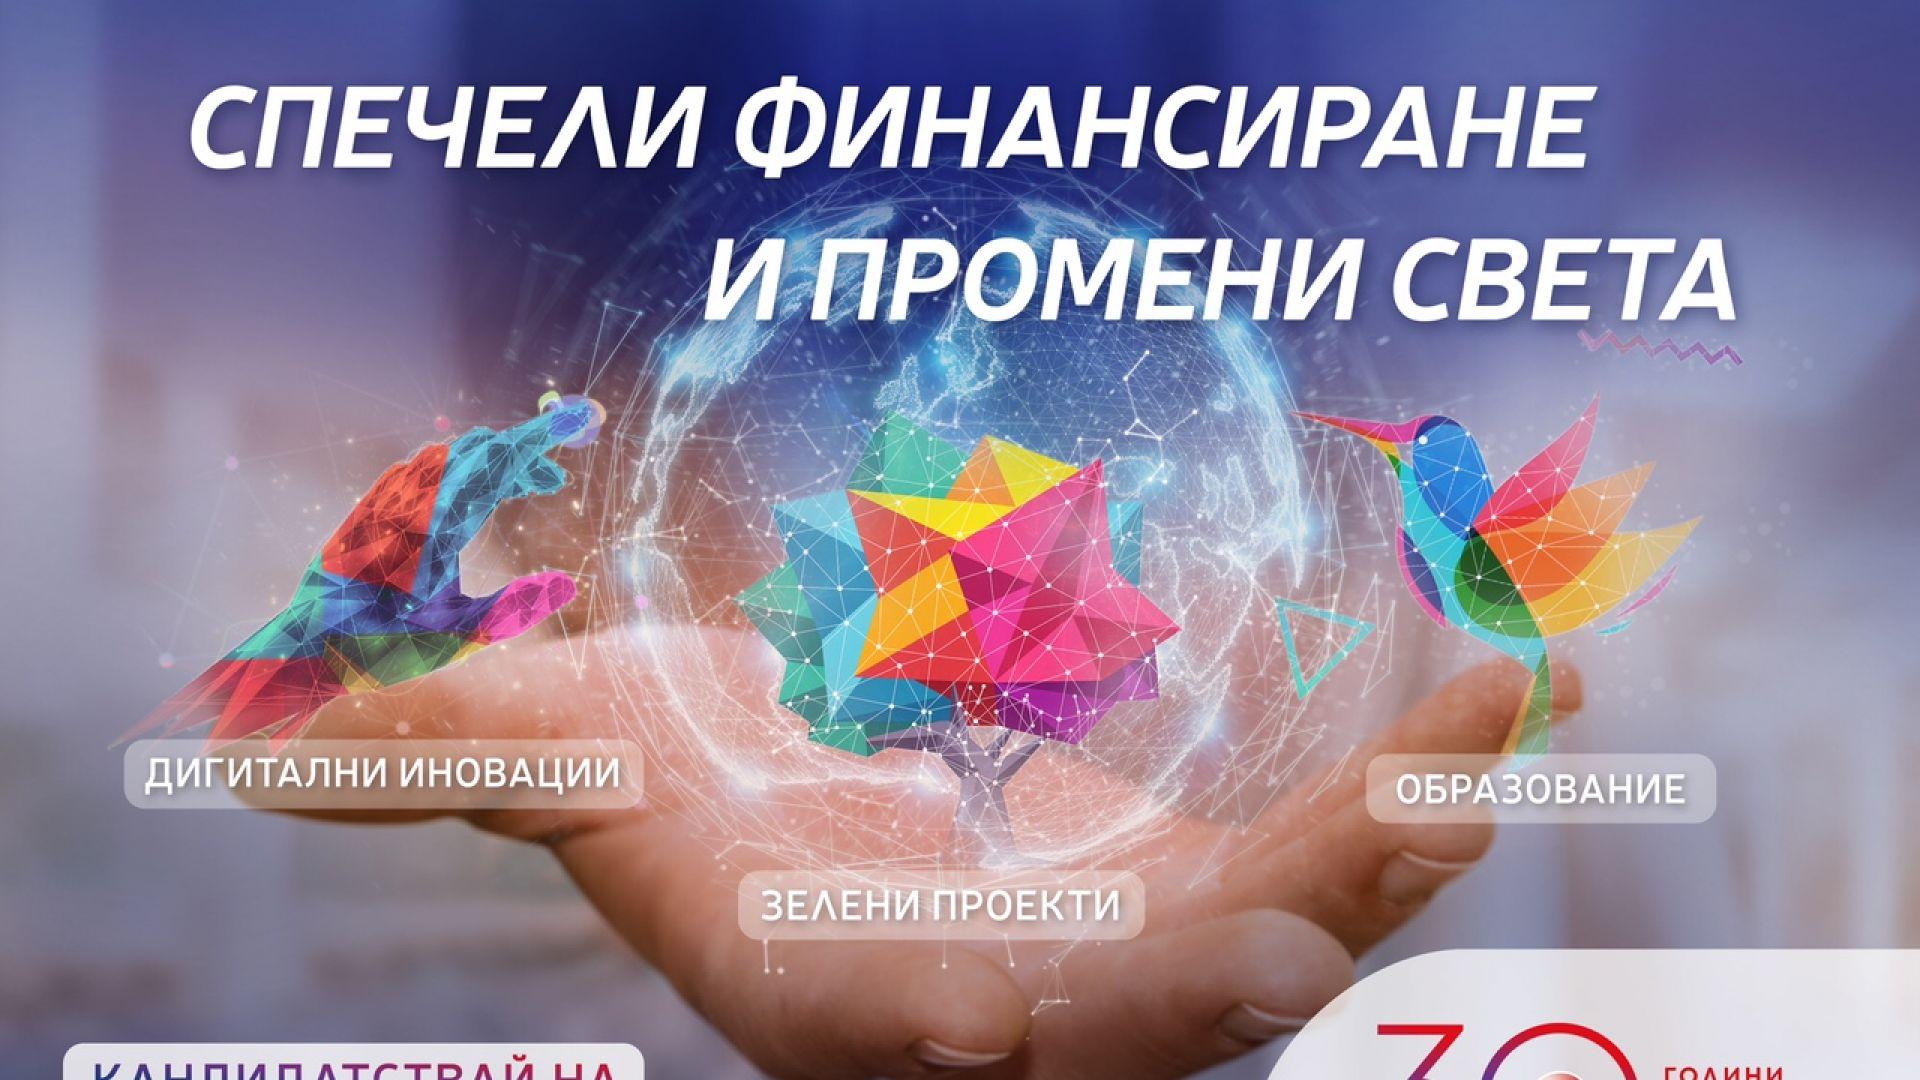 """Пощенска банка създава """"Вселена от възможности"""" от идеи за позитивна промяна в нашето общество"""